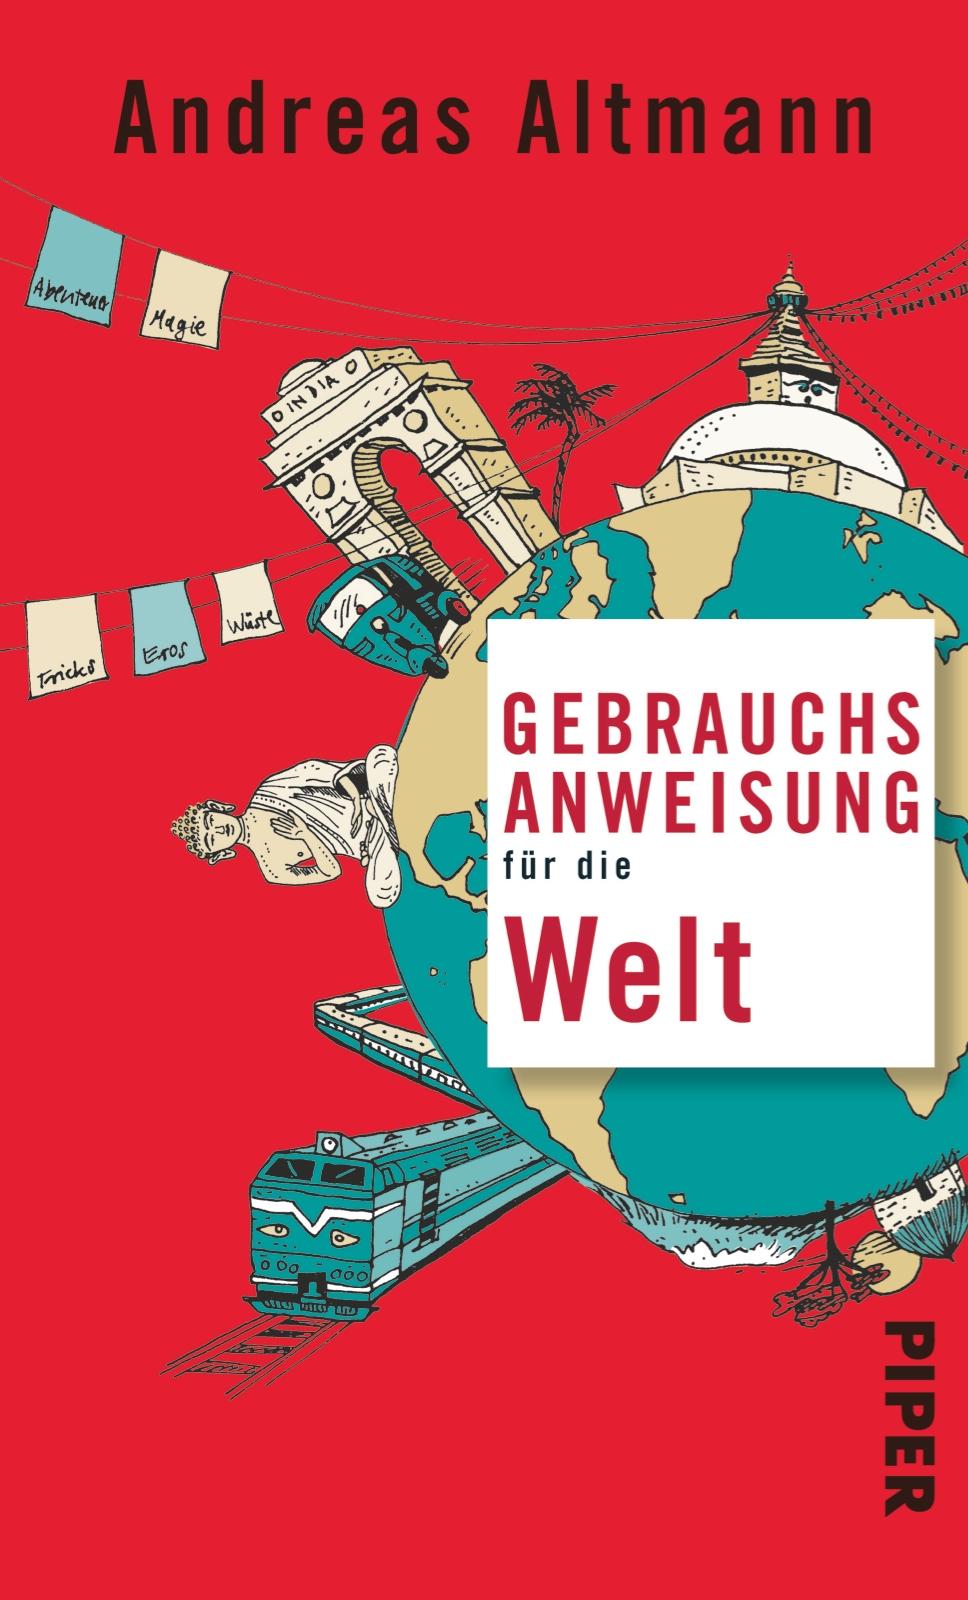 Rezension: Gebrauchsanweisung für die Welt von Andreas Altmann